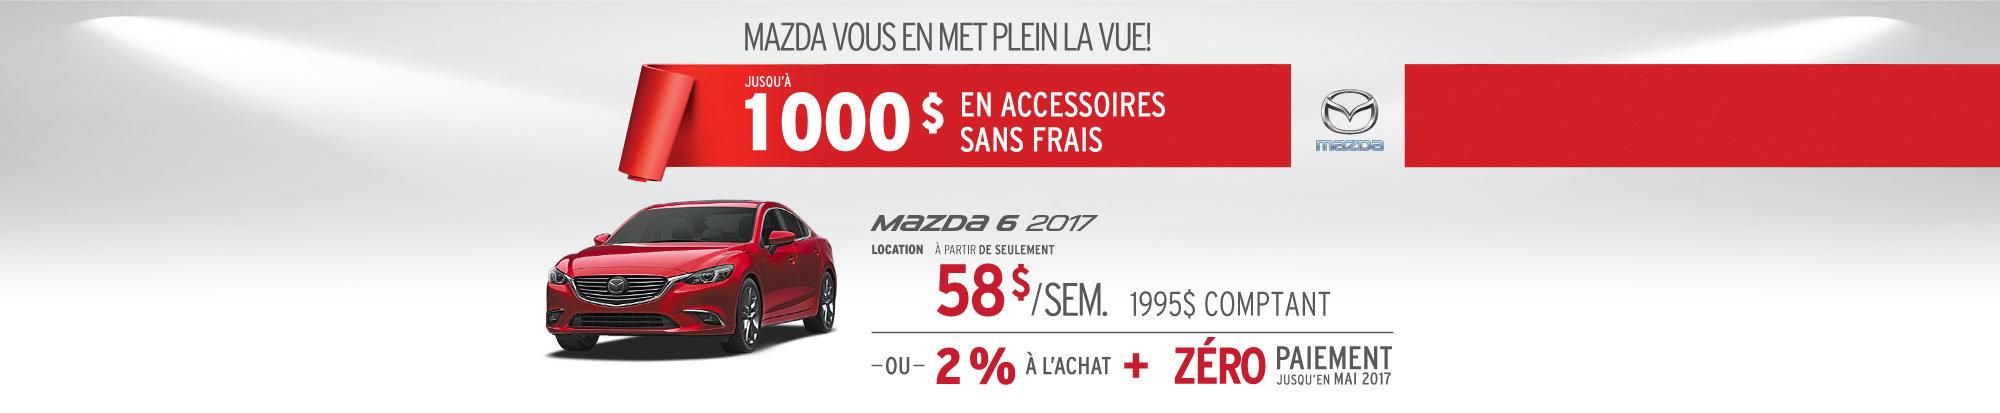 Location Mazda 6 2017